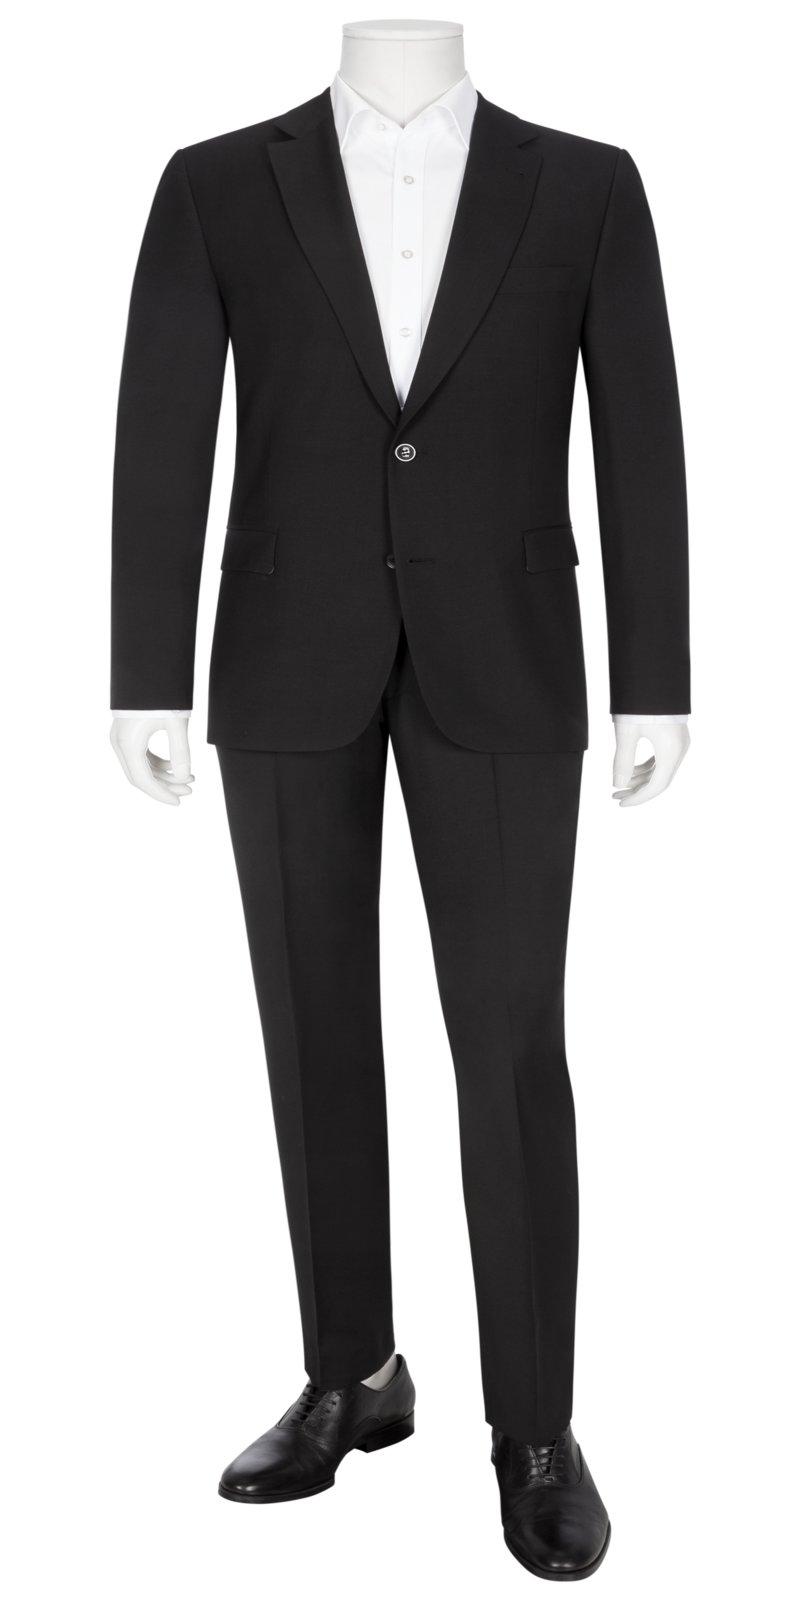 Tom Rusborg Modischer Anzug für Business und Anlass MARINE in Übergröße ce3310a364